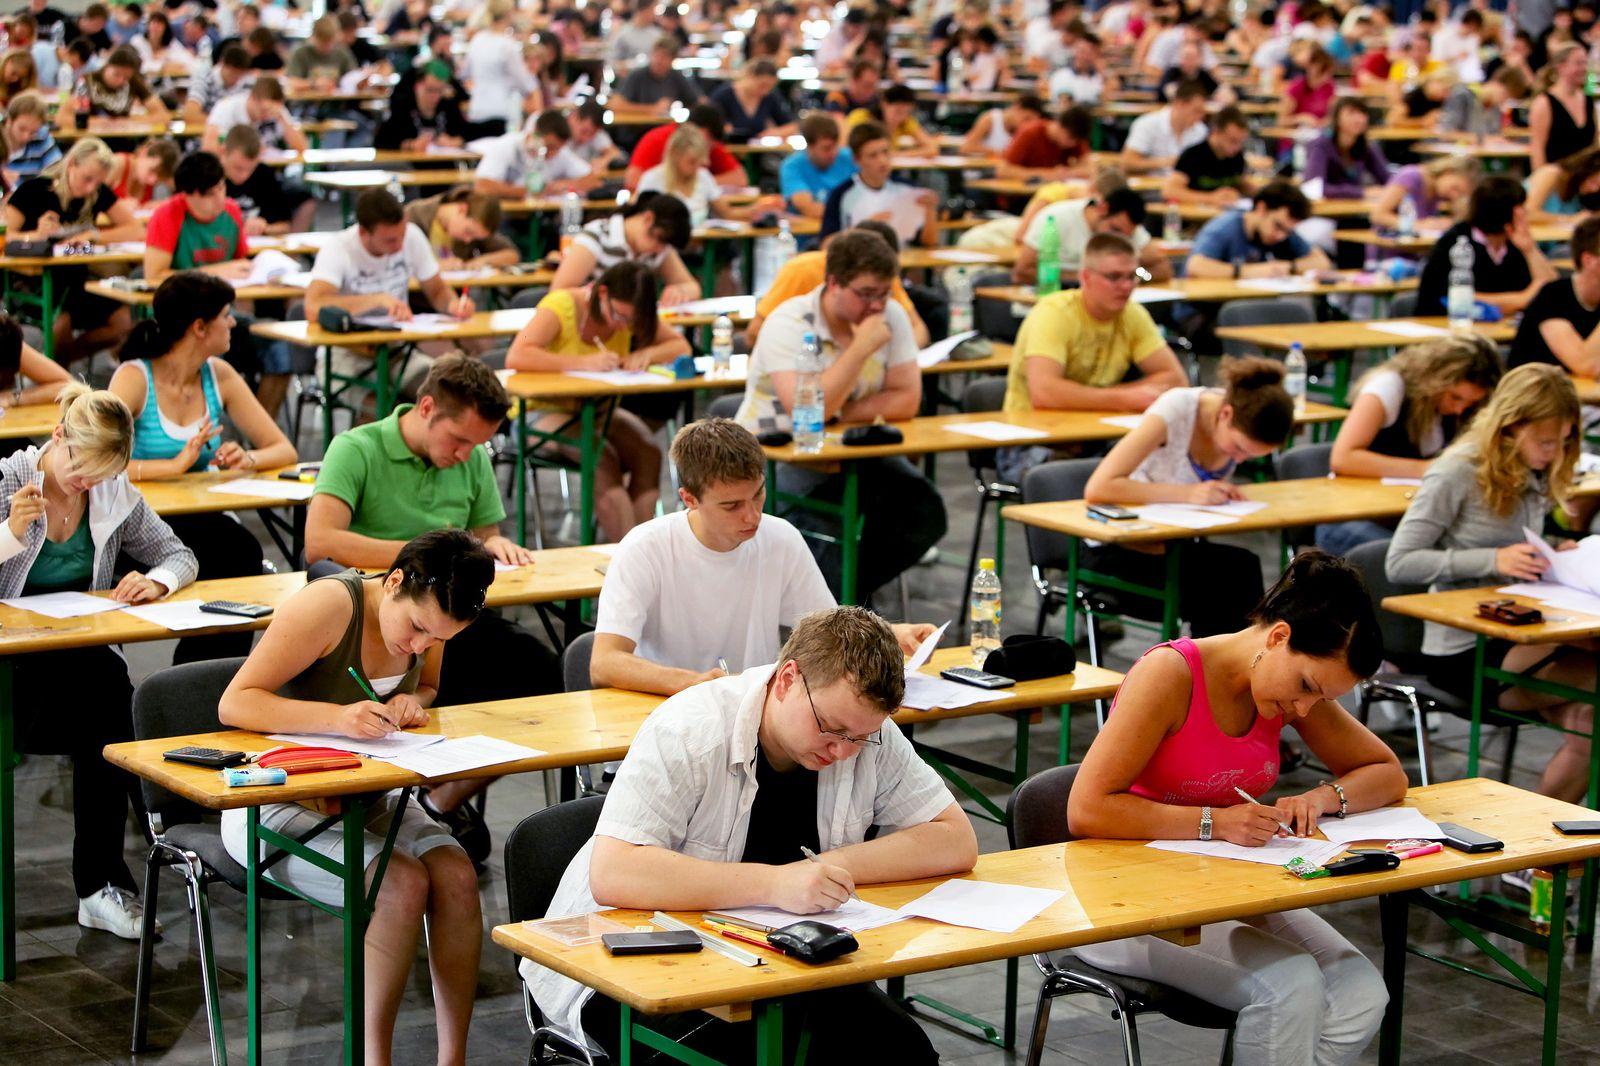 Studenten /Abschlussnoten / Klausuren / uni / Universität / Prüfung